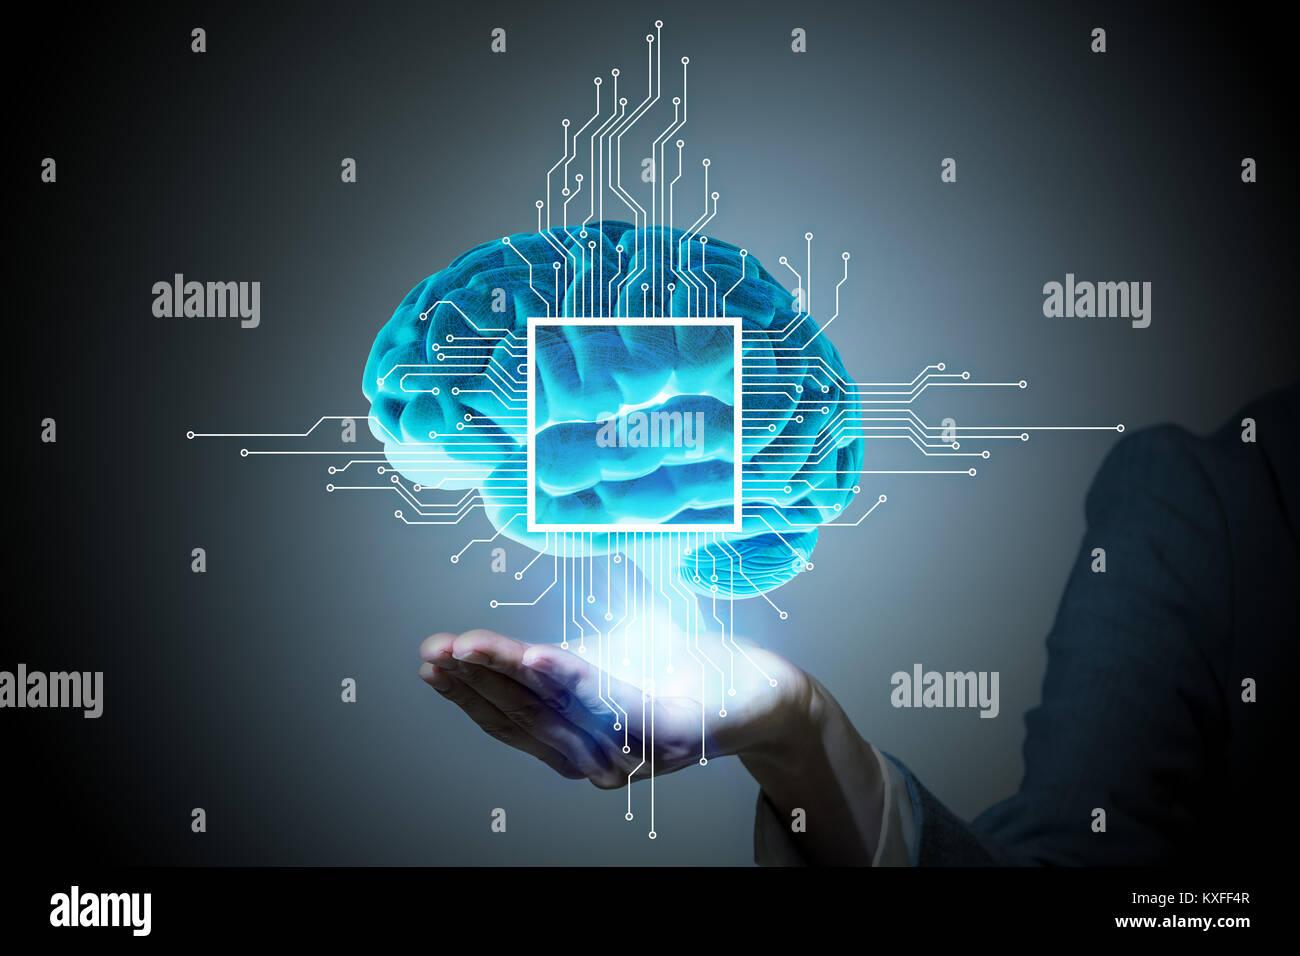 AI (Inteligencia Artificial) Concepto, 3D, imagen abstracta visual Imagen De Stock